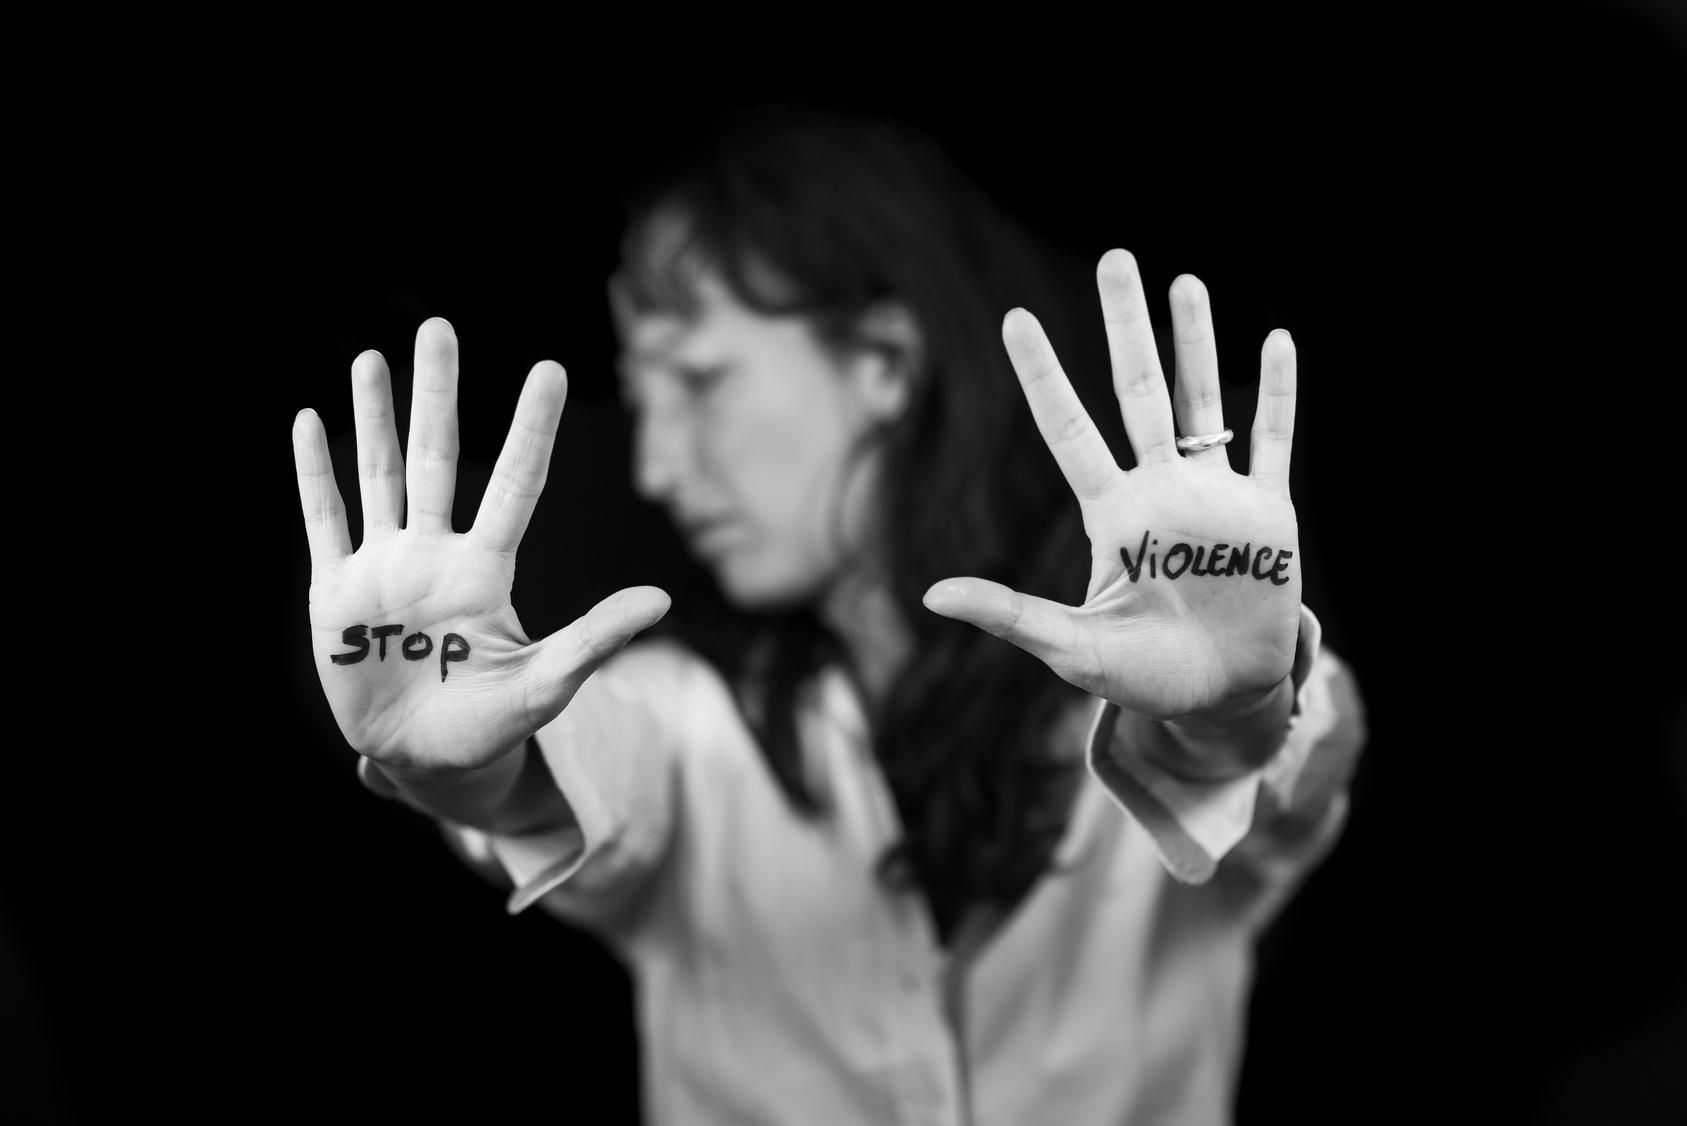 La violenza contro le donne, un fenomeno da fermare!